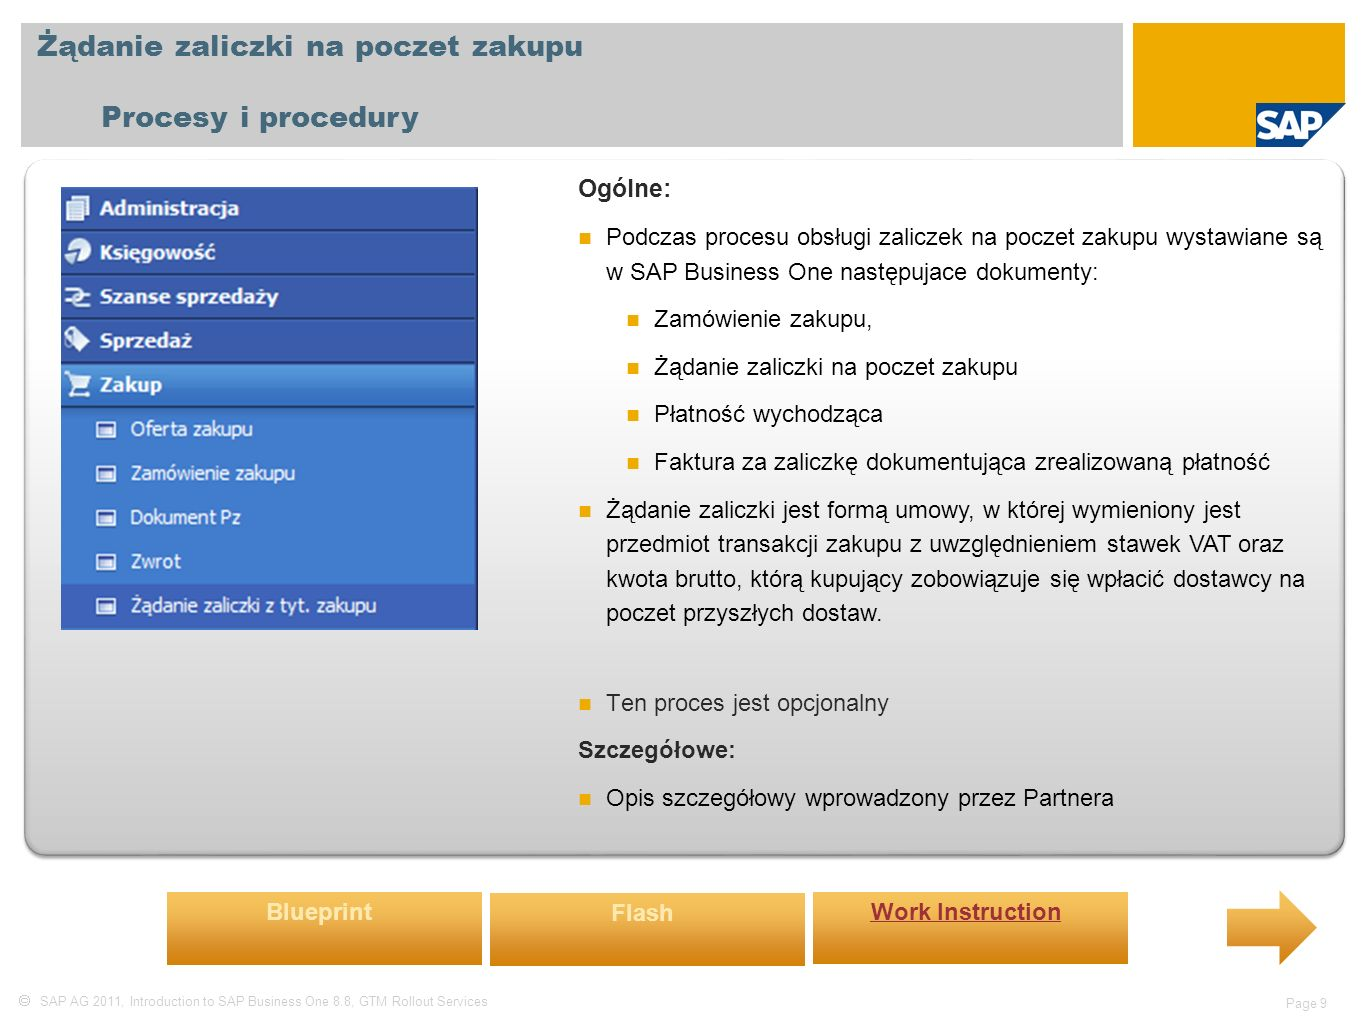  SAP AG 2011, Introduction to SAP Business One 8.8, GTM Rollout Services Page 9 Żądanie zaliczki na poczet zakupu Procesy i procedury Ogólne: Podczas procesu obsługi zaliczek na poczet zakupu wystawiane są w SAP Business One następujace dokumenty: Zamówienie zakupu, Żądanie zaliczki na poczet zakupu Płatność wychodząca Faktura za zaliczkę dokumentująca zrealizowaną płatność Żądanie zaliczki jest formą umowy, w której wymieniony jest przedmiot transakcji zakupu z uwzględnieniem stawek VAT oraz kwota brutto, którą kupujący zobowiązuje się wpłacić dostawcy na poczet przyszłych dostaw.